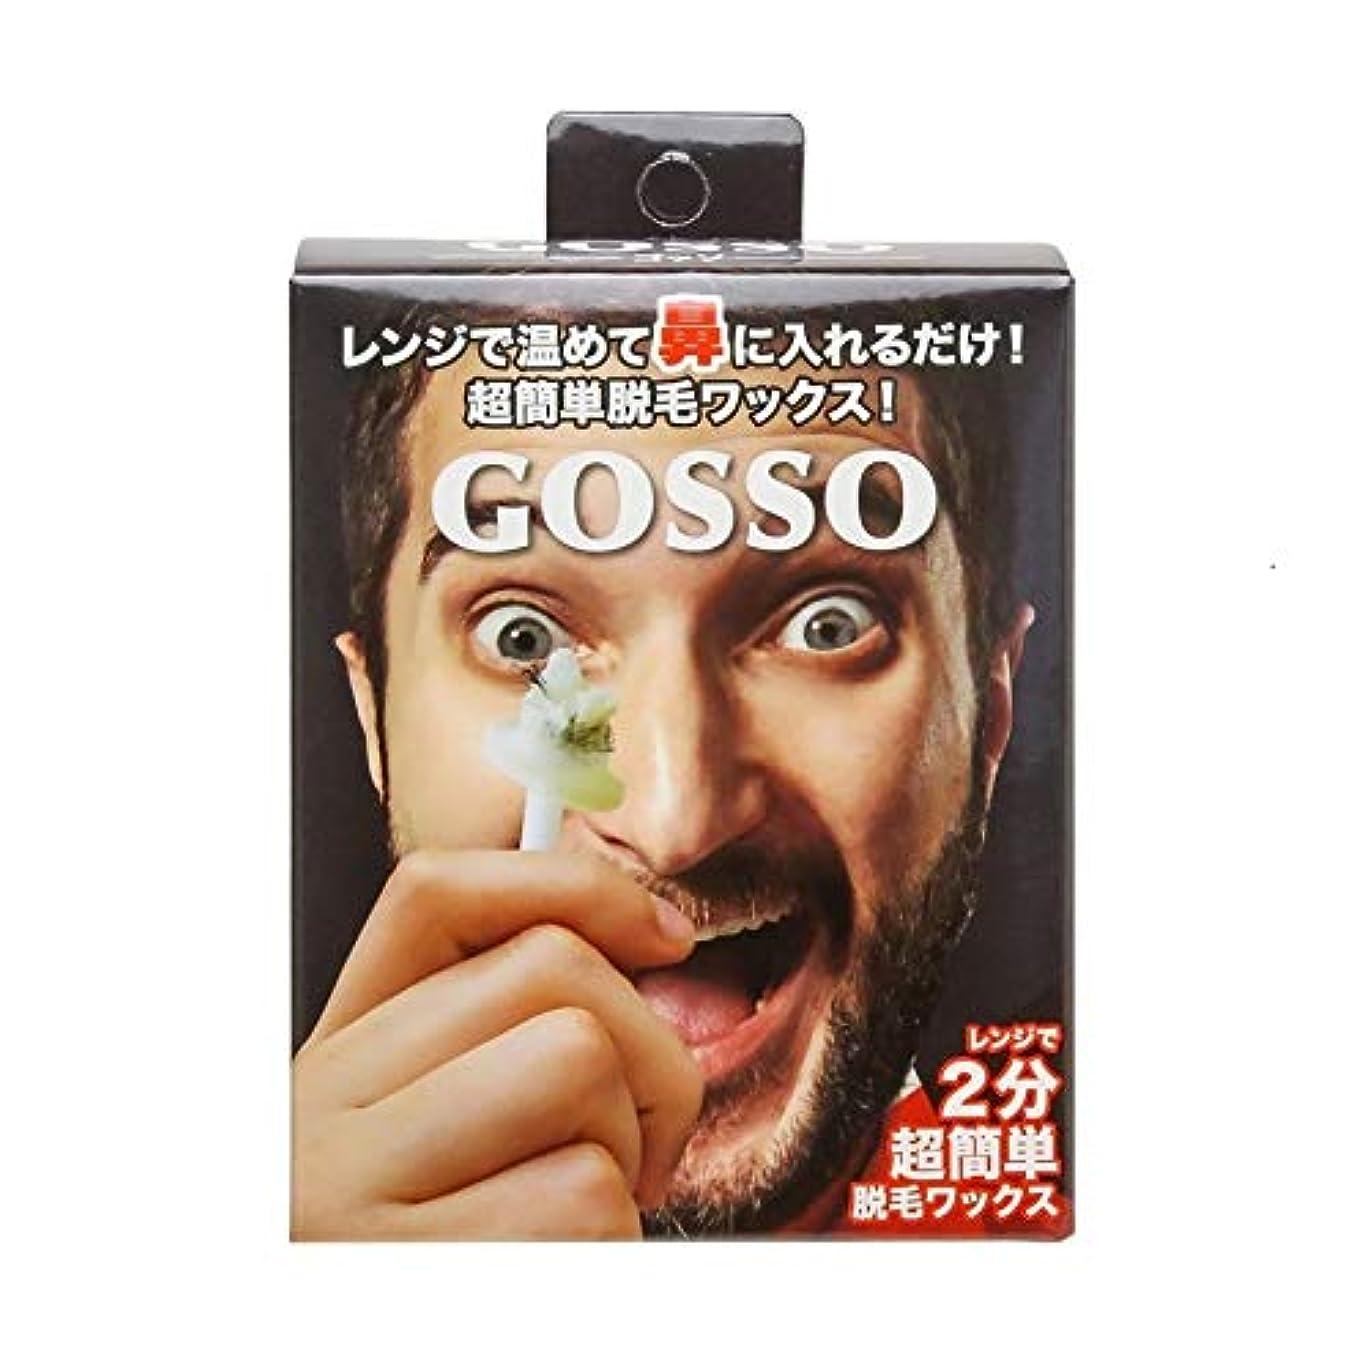 カートリッジ確かめる電池GOSSO ゴッソ (ブラジリアンワックス鼻毛脱毛セット)